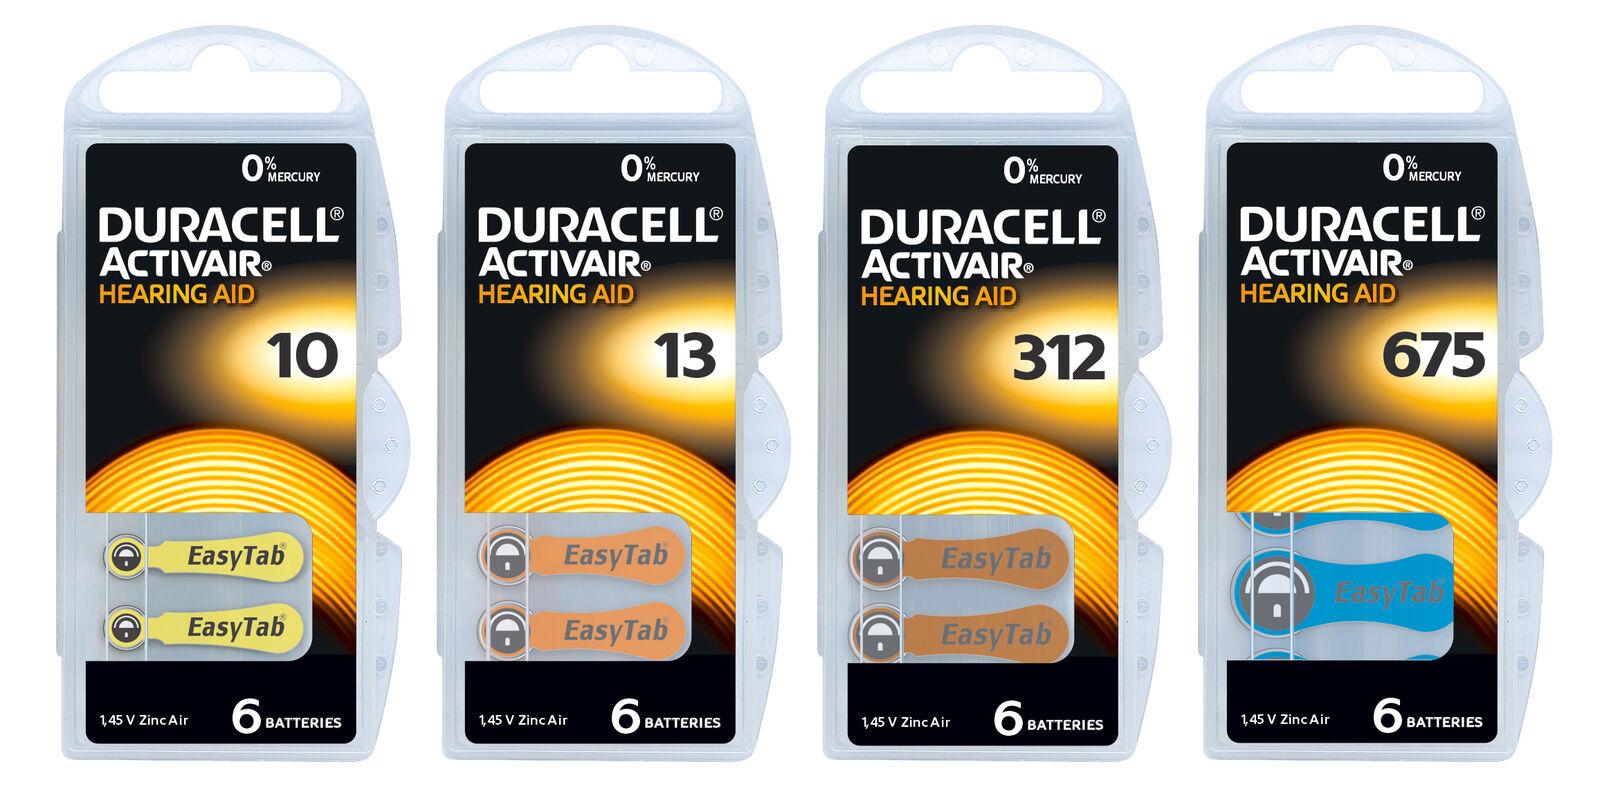 Duracell Hörgerätebatterien ZL1, ZL2, ZL3, ZL4 | Online Store